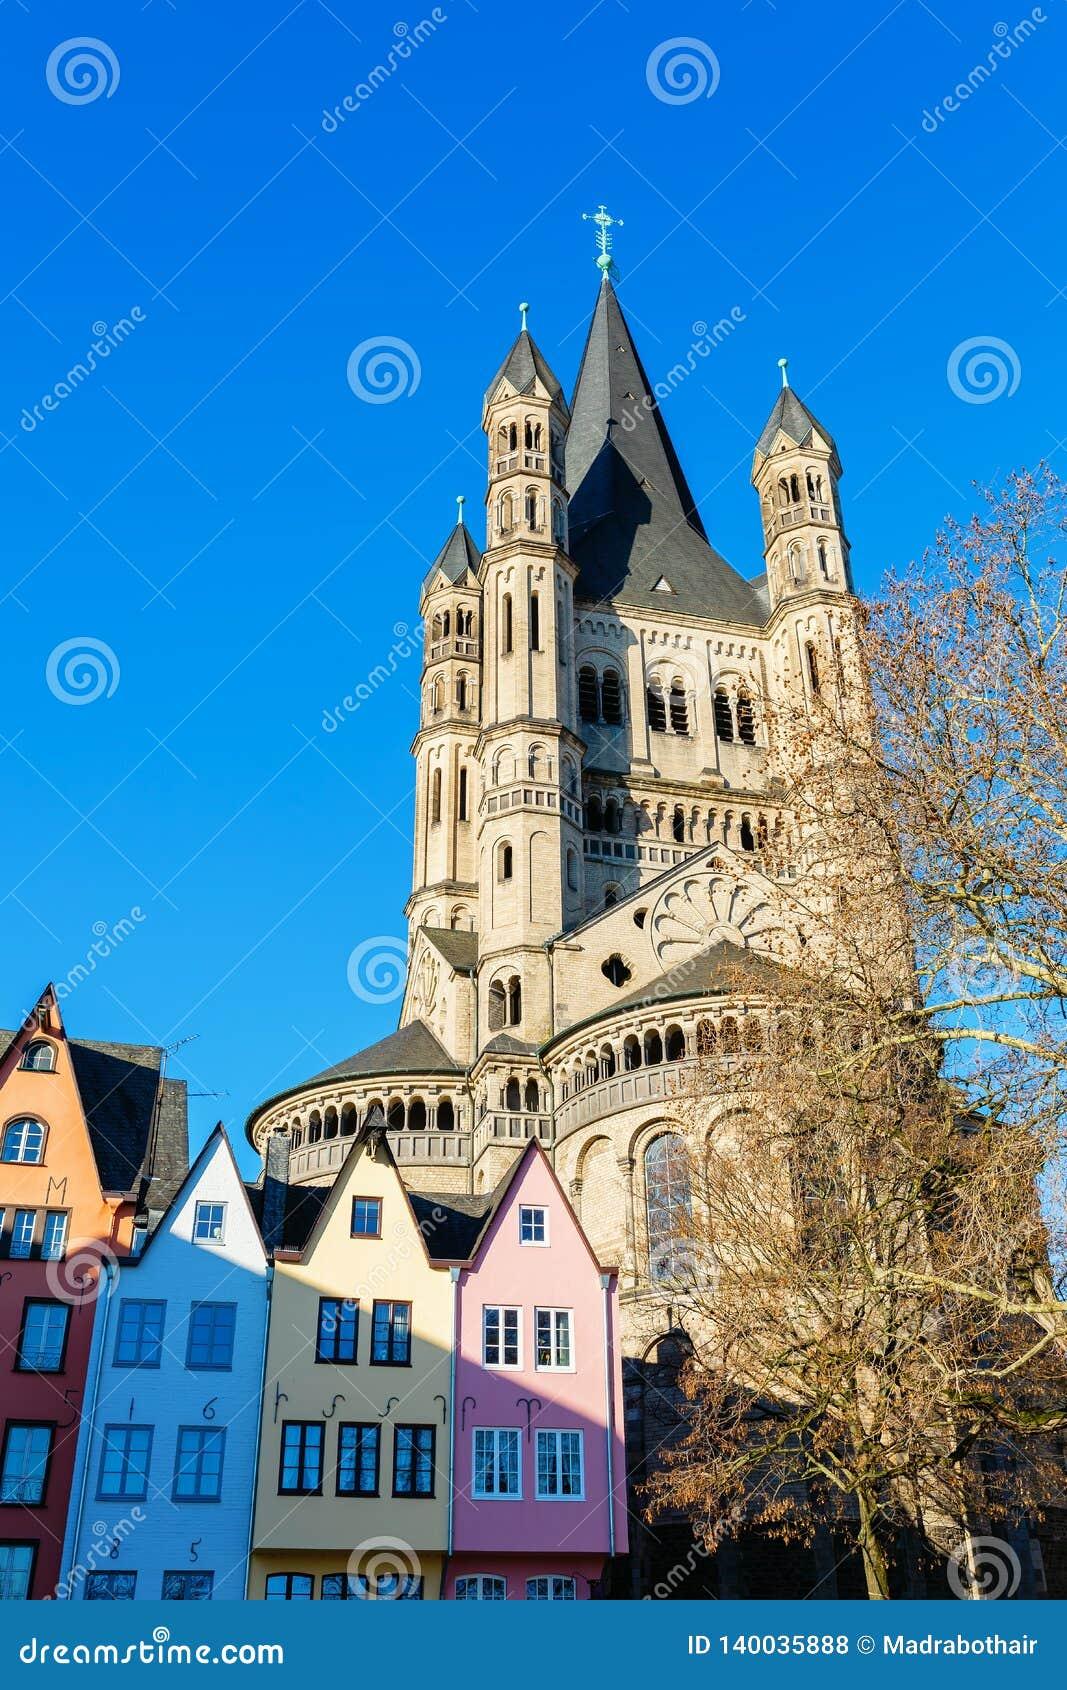 Ιστορική εκκλησία ακαθάριστο ST Martin στην Κολωνία, Γερμανία